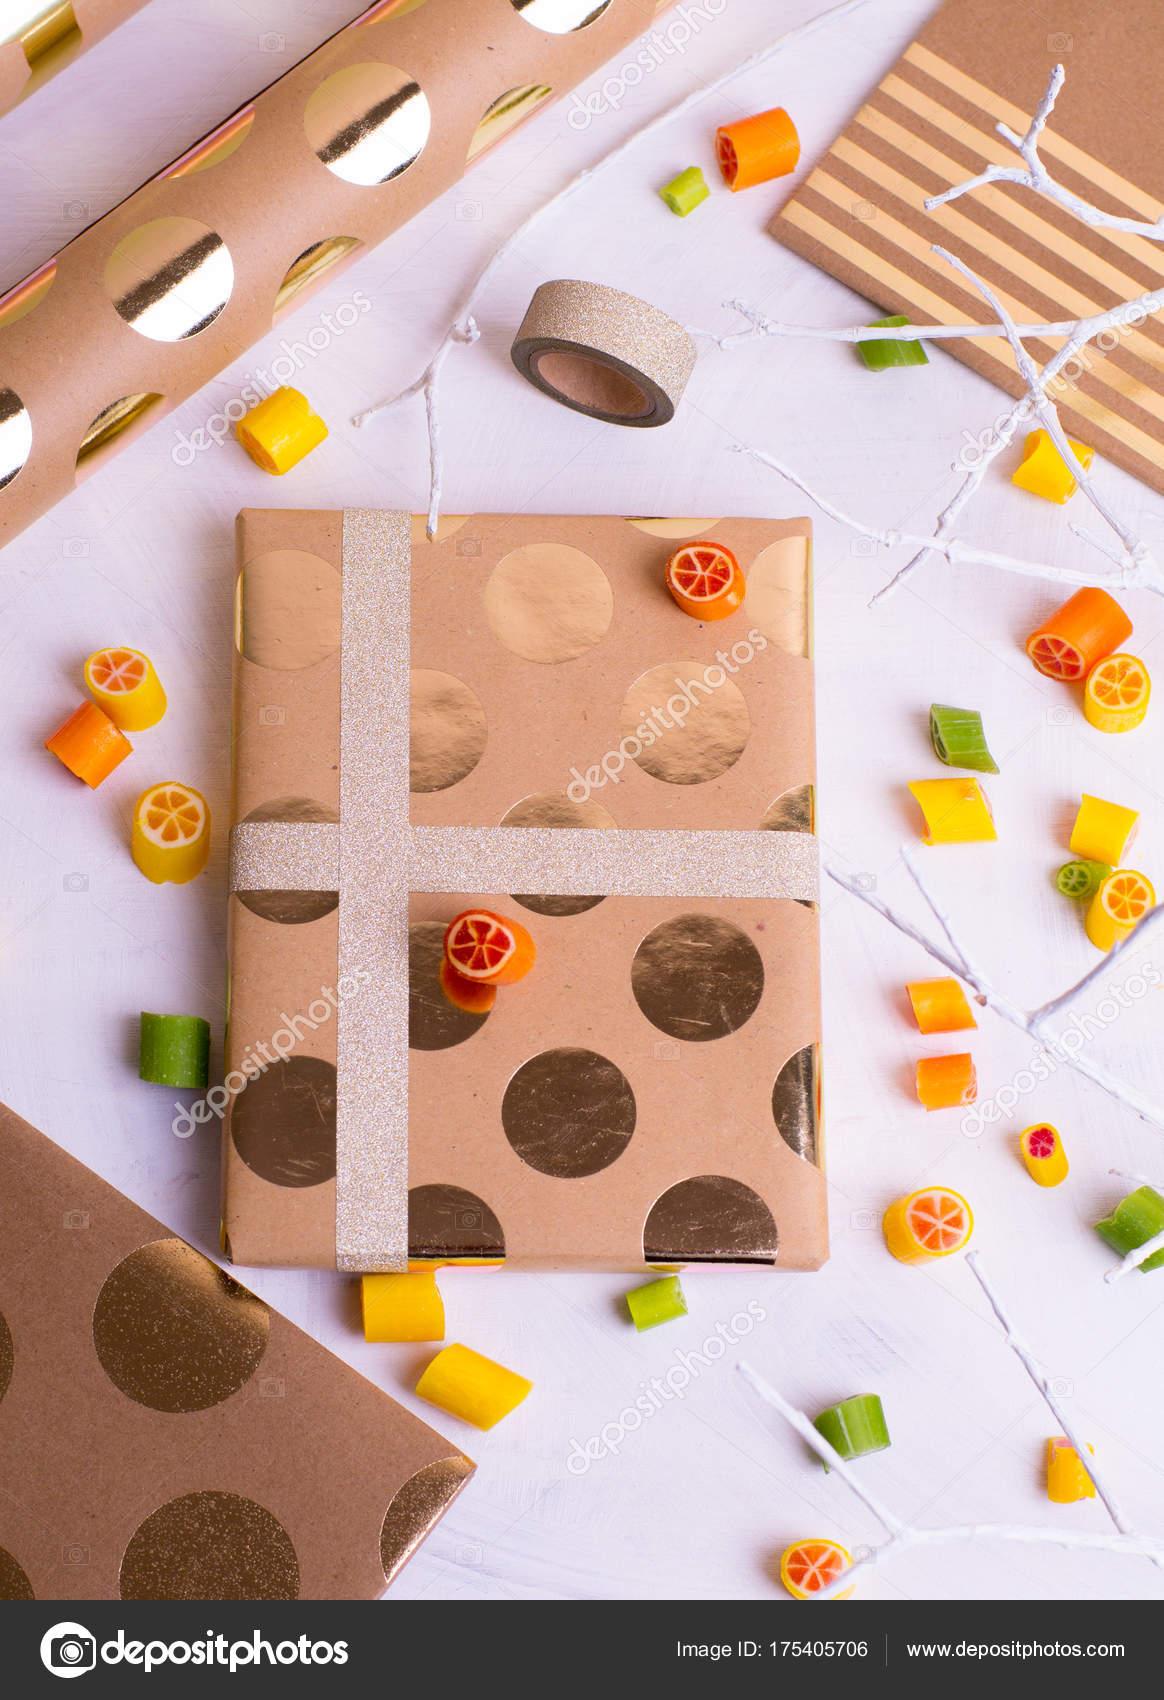 geschenke für freunde und verwandte machen collage aus packpapier